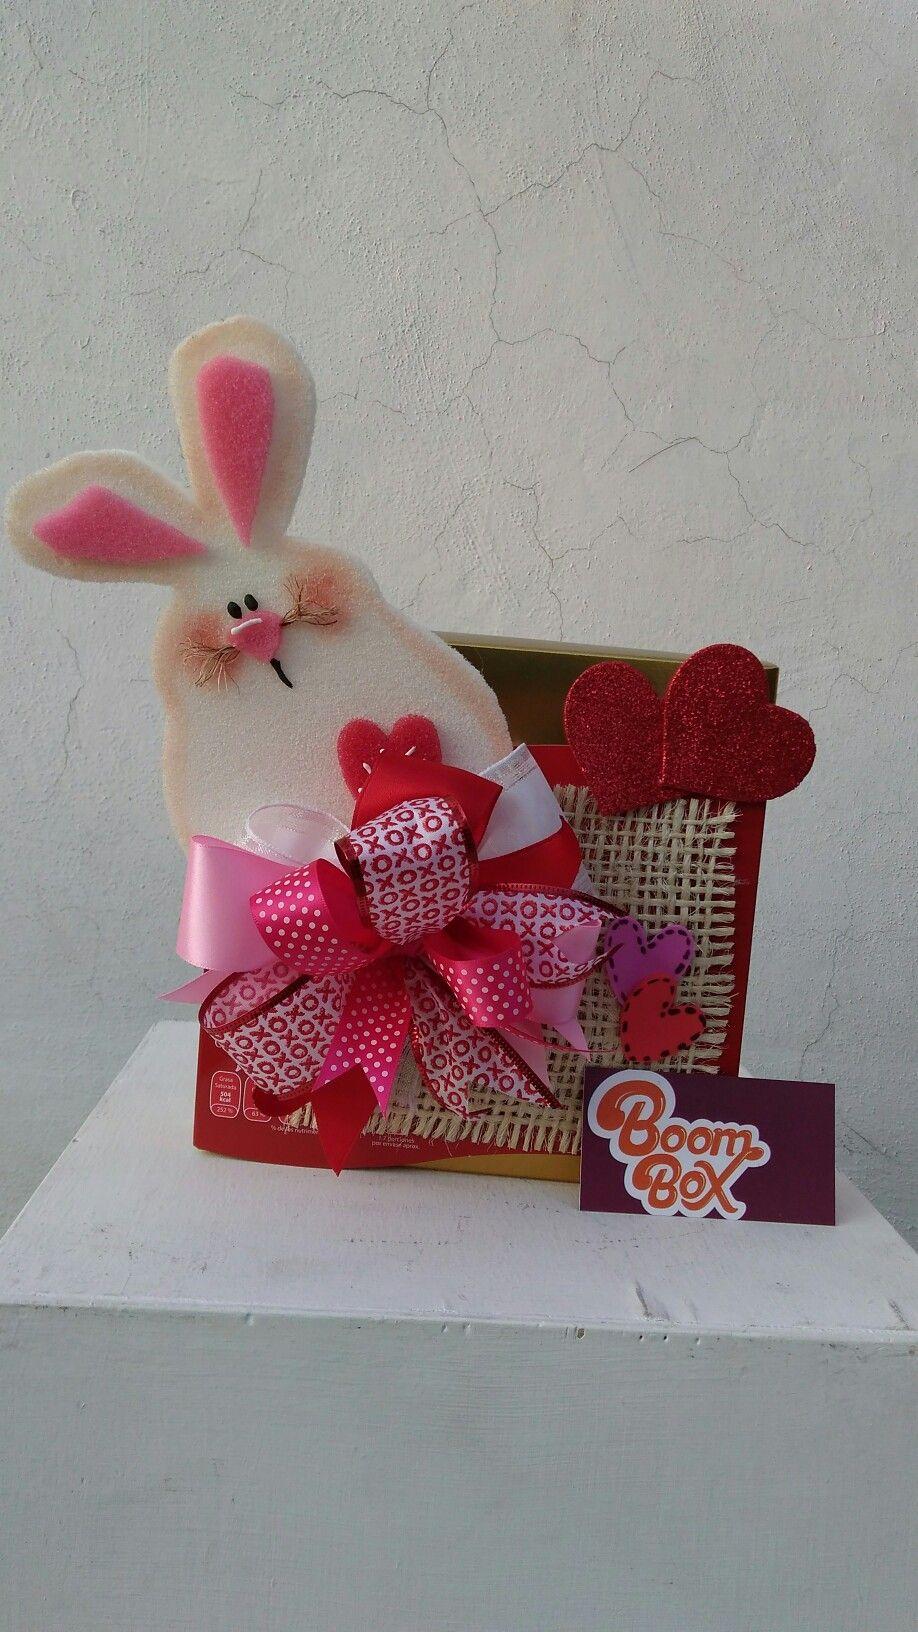 Pin de chiquis elizalde portilla en cajitas de papel cajas de madera decoradas regalos para Adornos san valentin manualidades